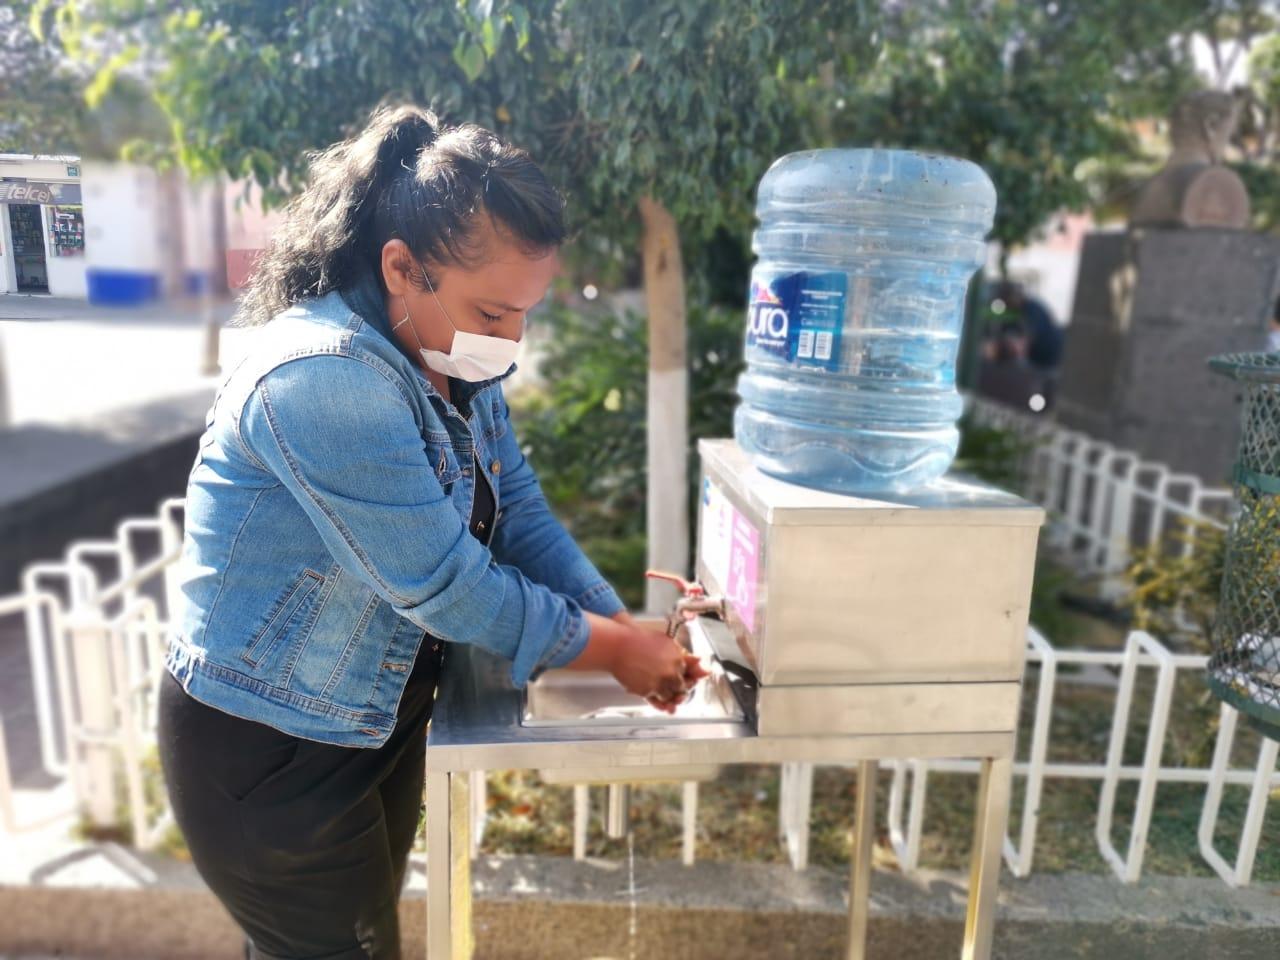 Colocan lavamanos al ingresar a zona de alfeñiques